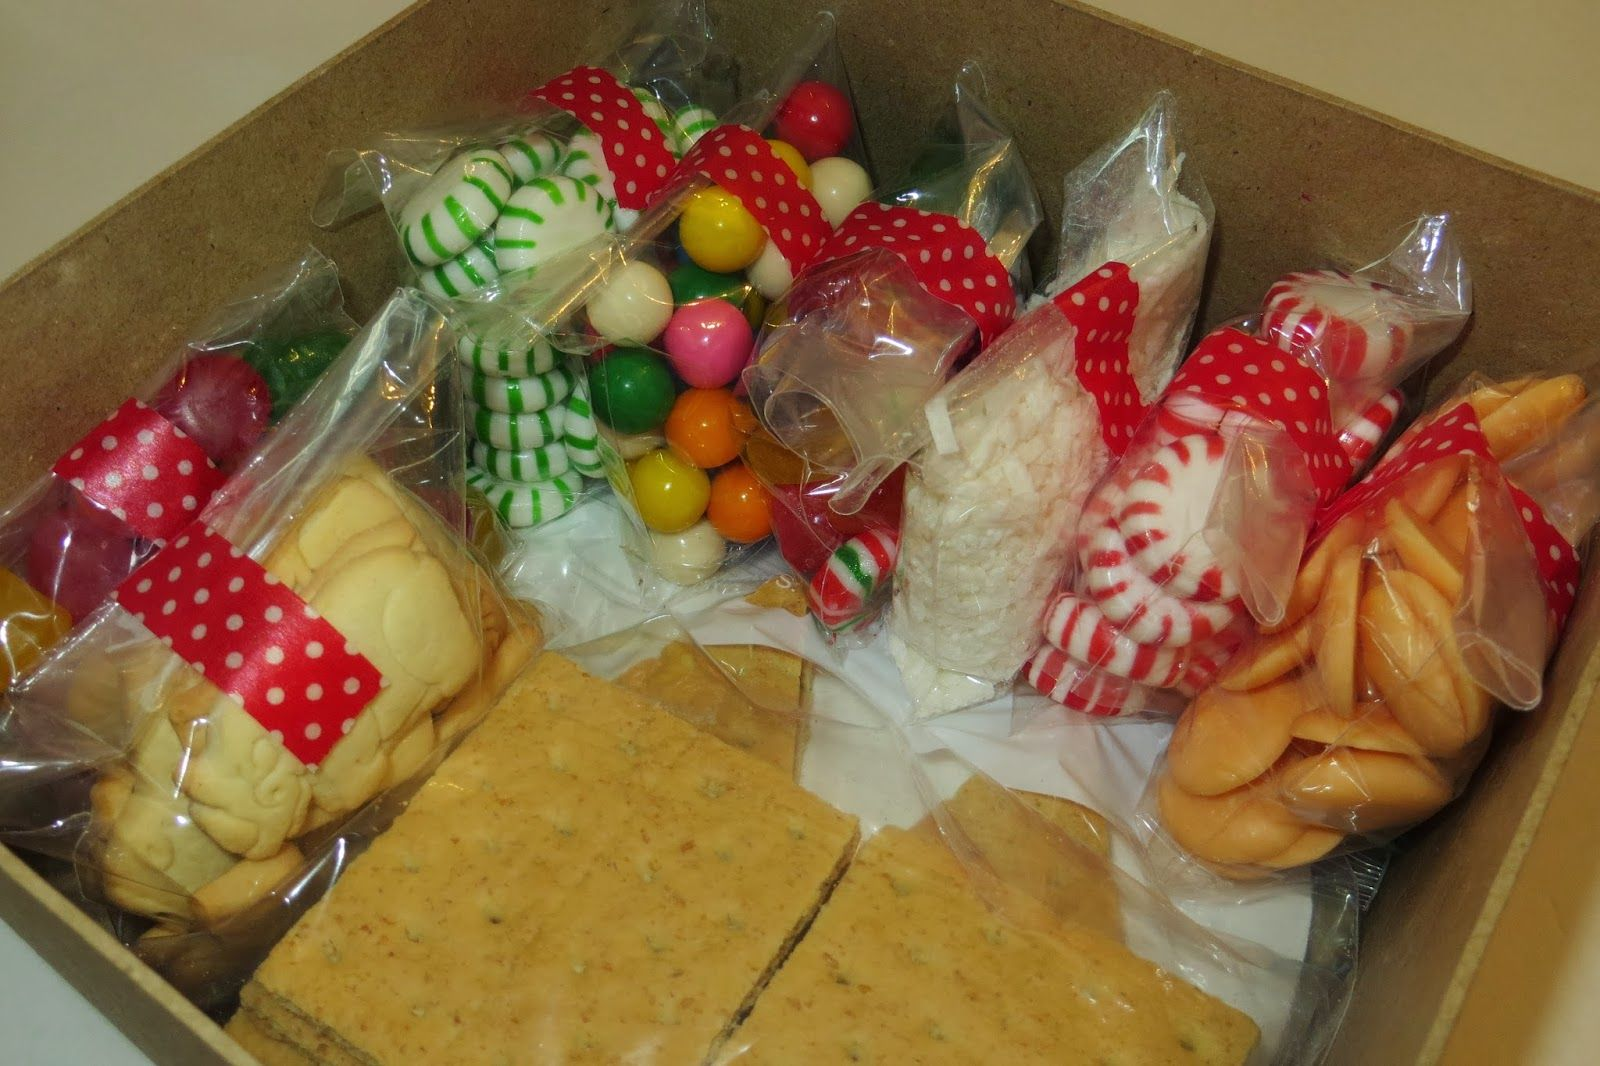 DIY Gingerbread House Kit Gingerbread house kits, Ginger